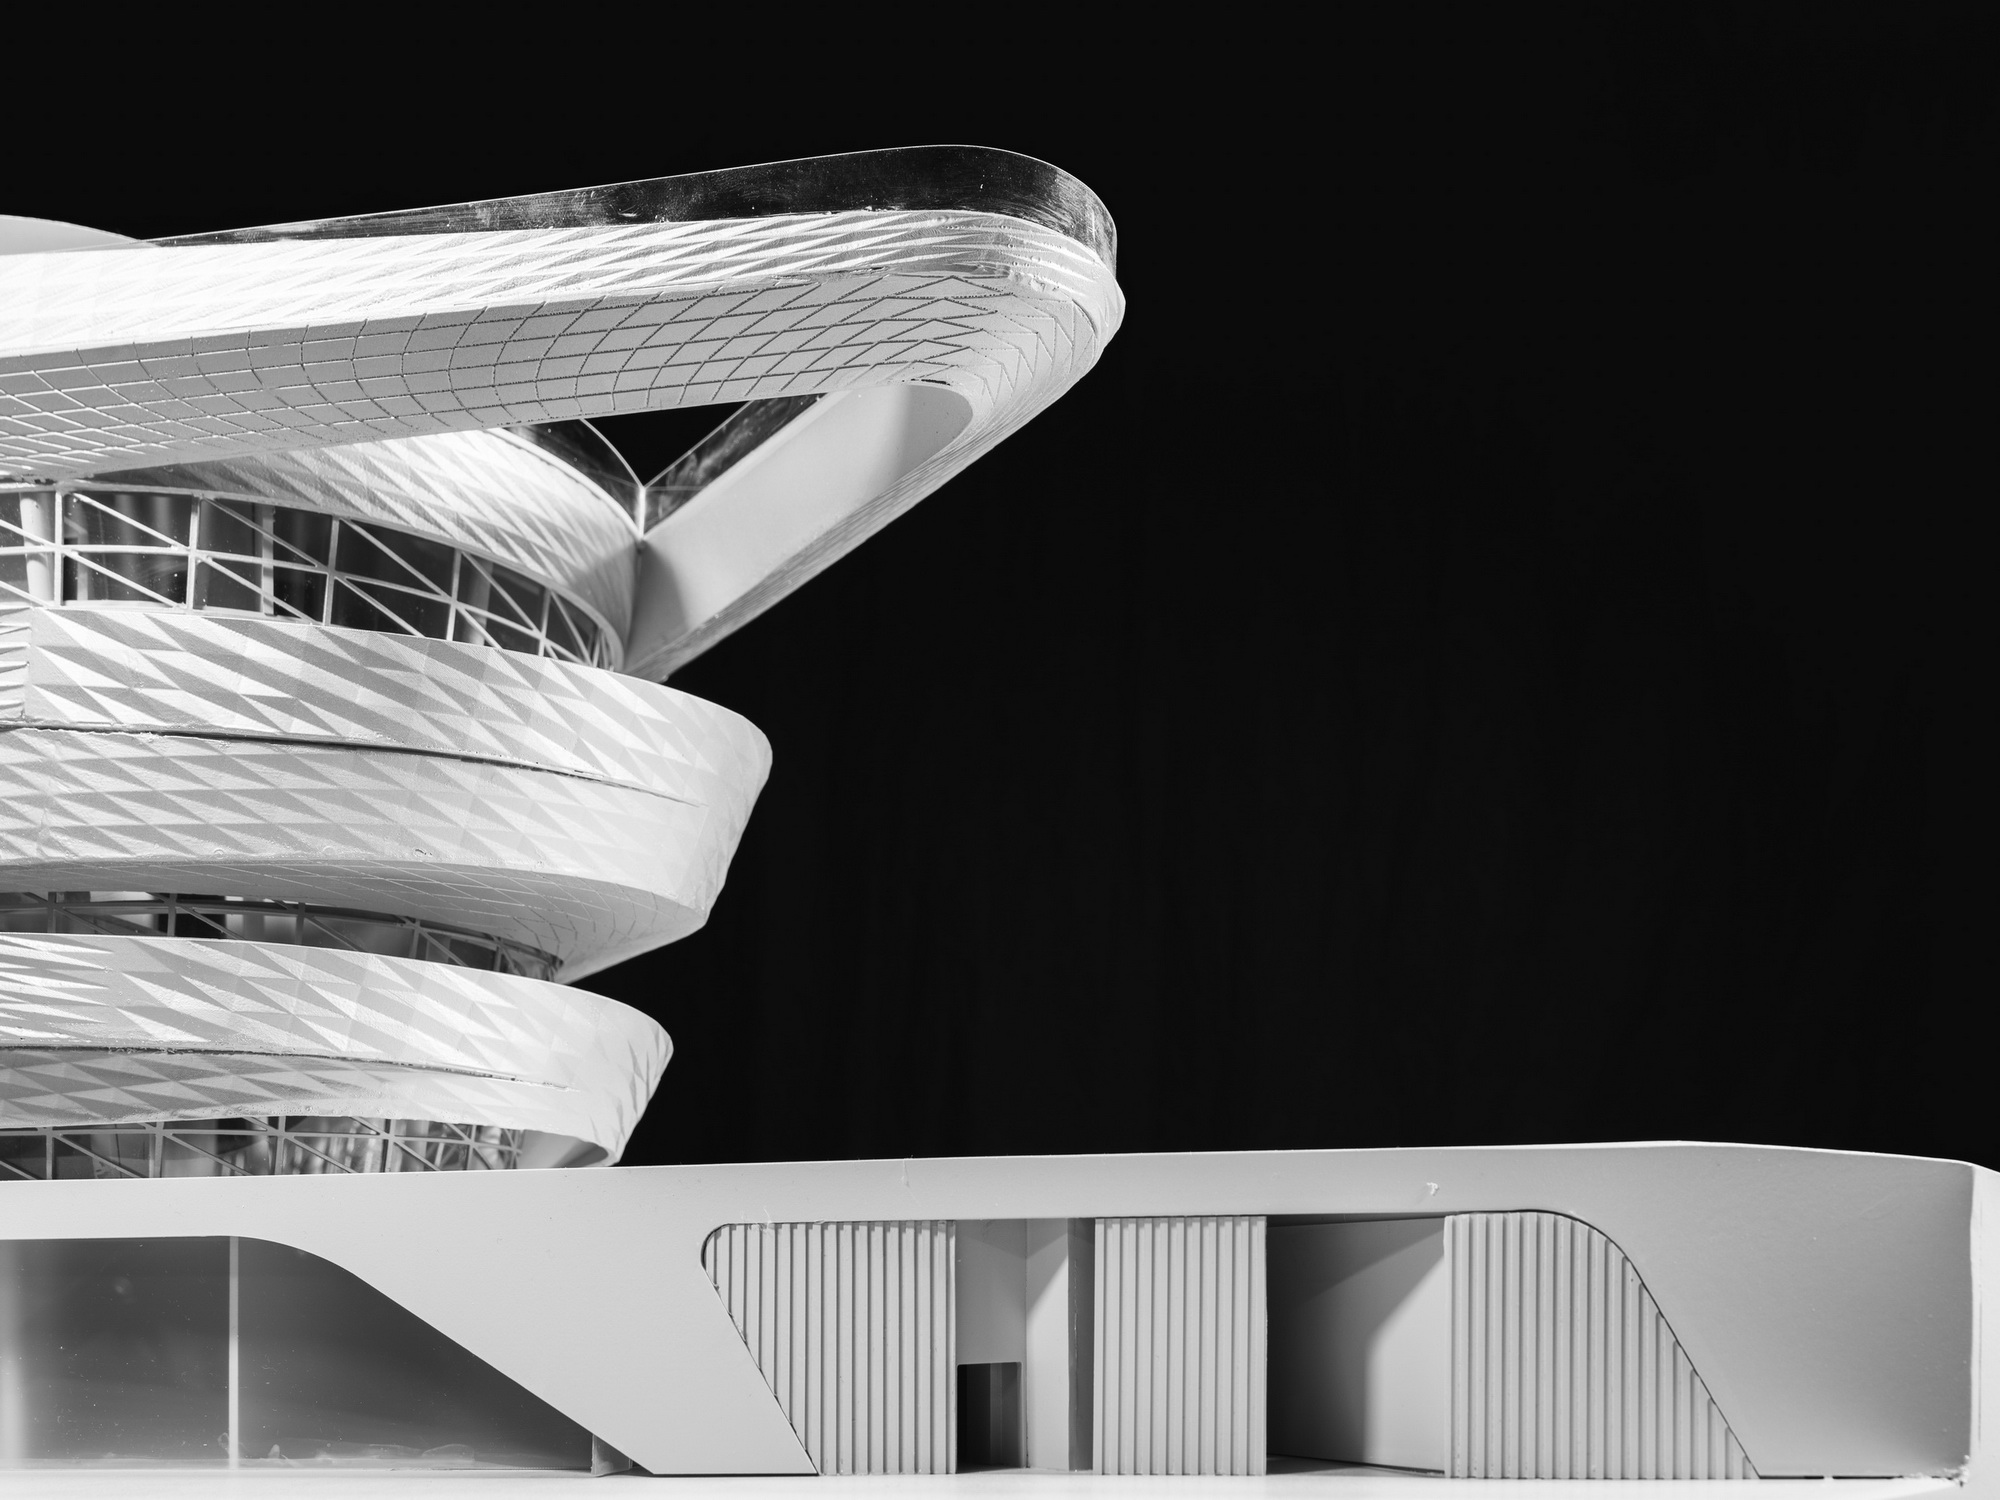 杭州钱塘江博物馆建筑设计 / gad · line+ studio